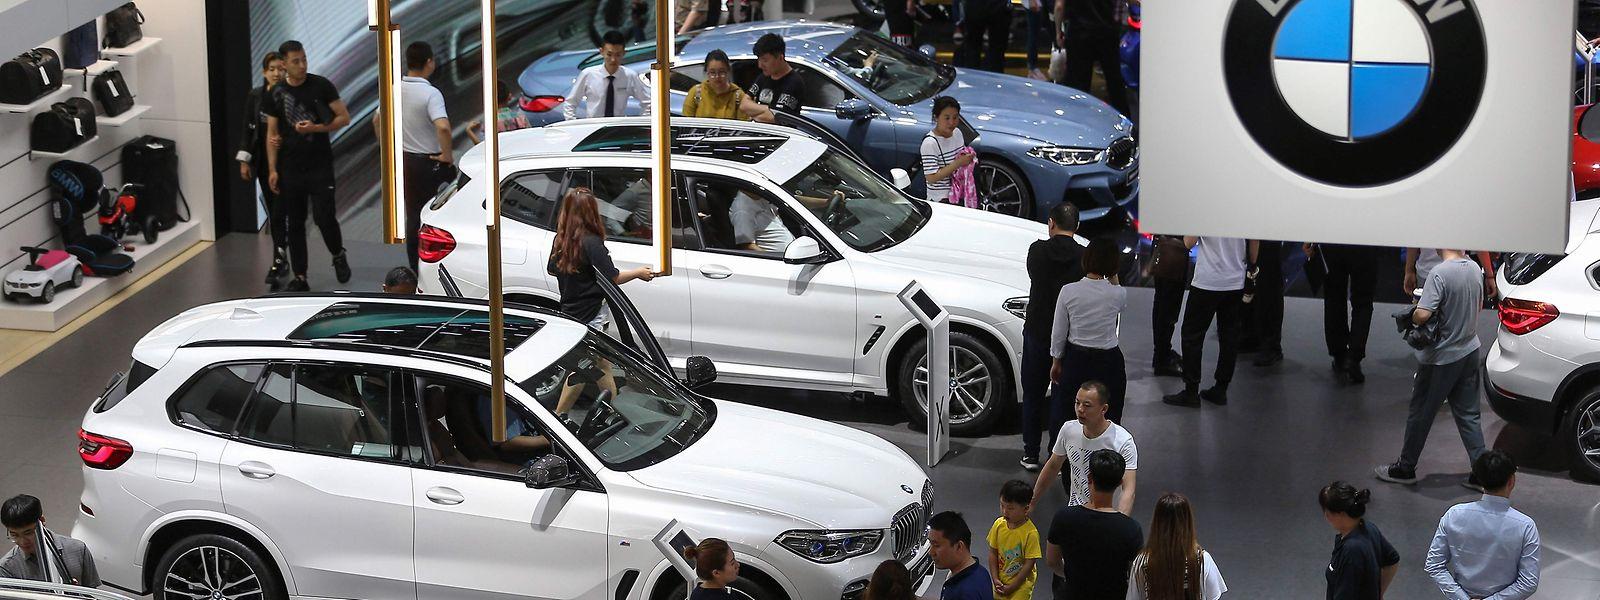 Die SUV-Modelle kommen auch auf dem chinesischen Markt gut an.